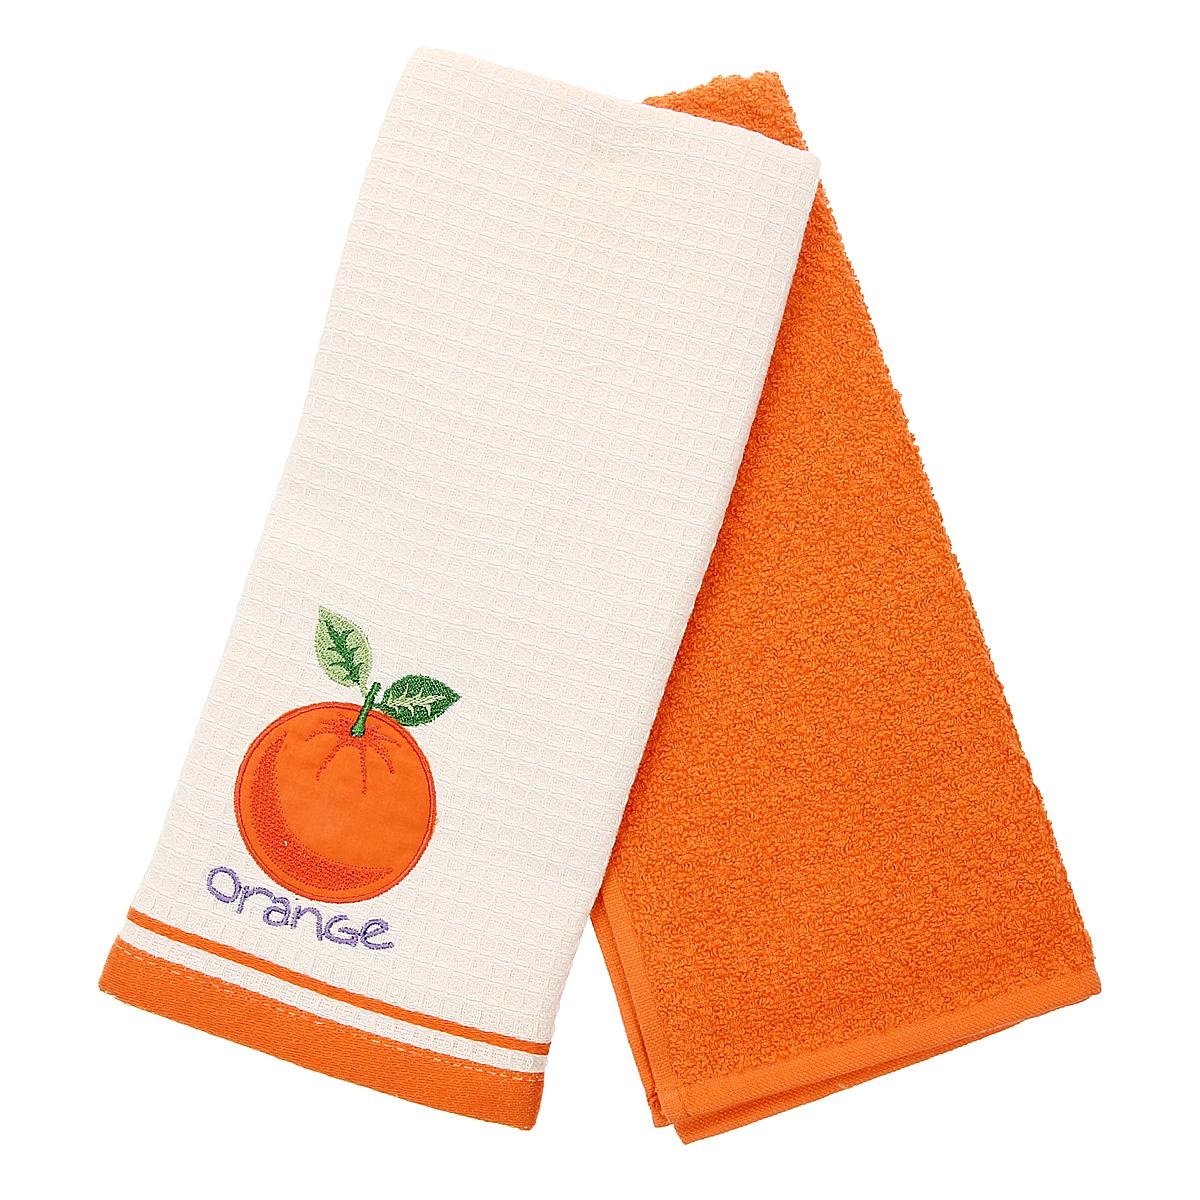 Набор кухонных полотенец Coronet Апельсин, цвет: оранжевый, бежевый, 40 см х 60 см, 2 штК-МП-5010-05-05-03Набор Coronet Апельсин состоит из двух прямоугольных полотенец: вафельного полотенца бежевого цвета с вышивкой в виде апельсина и махрового полотенца оранжевого цвета. Изделия выполнены из натурального хлопка, поэтому являются экологически чистыми. Высочайшее качество материала гарантирует безопасность не только взрослых, но и самых маленьких членов семьи. Кухонные полотенца Coronet практичны и долговечны. Прекрасно впитывают влагу. Эти свойства изделия из натурального хлопка не теряют на протяжении многих лет. Хлопчатобумажные изделия выдерживают многочисленные стирки при высоких температурах. Такой набор идеально дополнит интерьер вашей кухни и создаст атмосферу уюта и комфорта. Coronet предлагает коллекции готовых стилистических решений для различной кухонной мебели, множество видов, рисунков и цветов. Вам легко будет создать нужную атмосферу на кухне и в столовой. Рекомендации по уходу: - стирать при температуре 40°С, - чистка с...